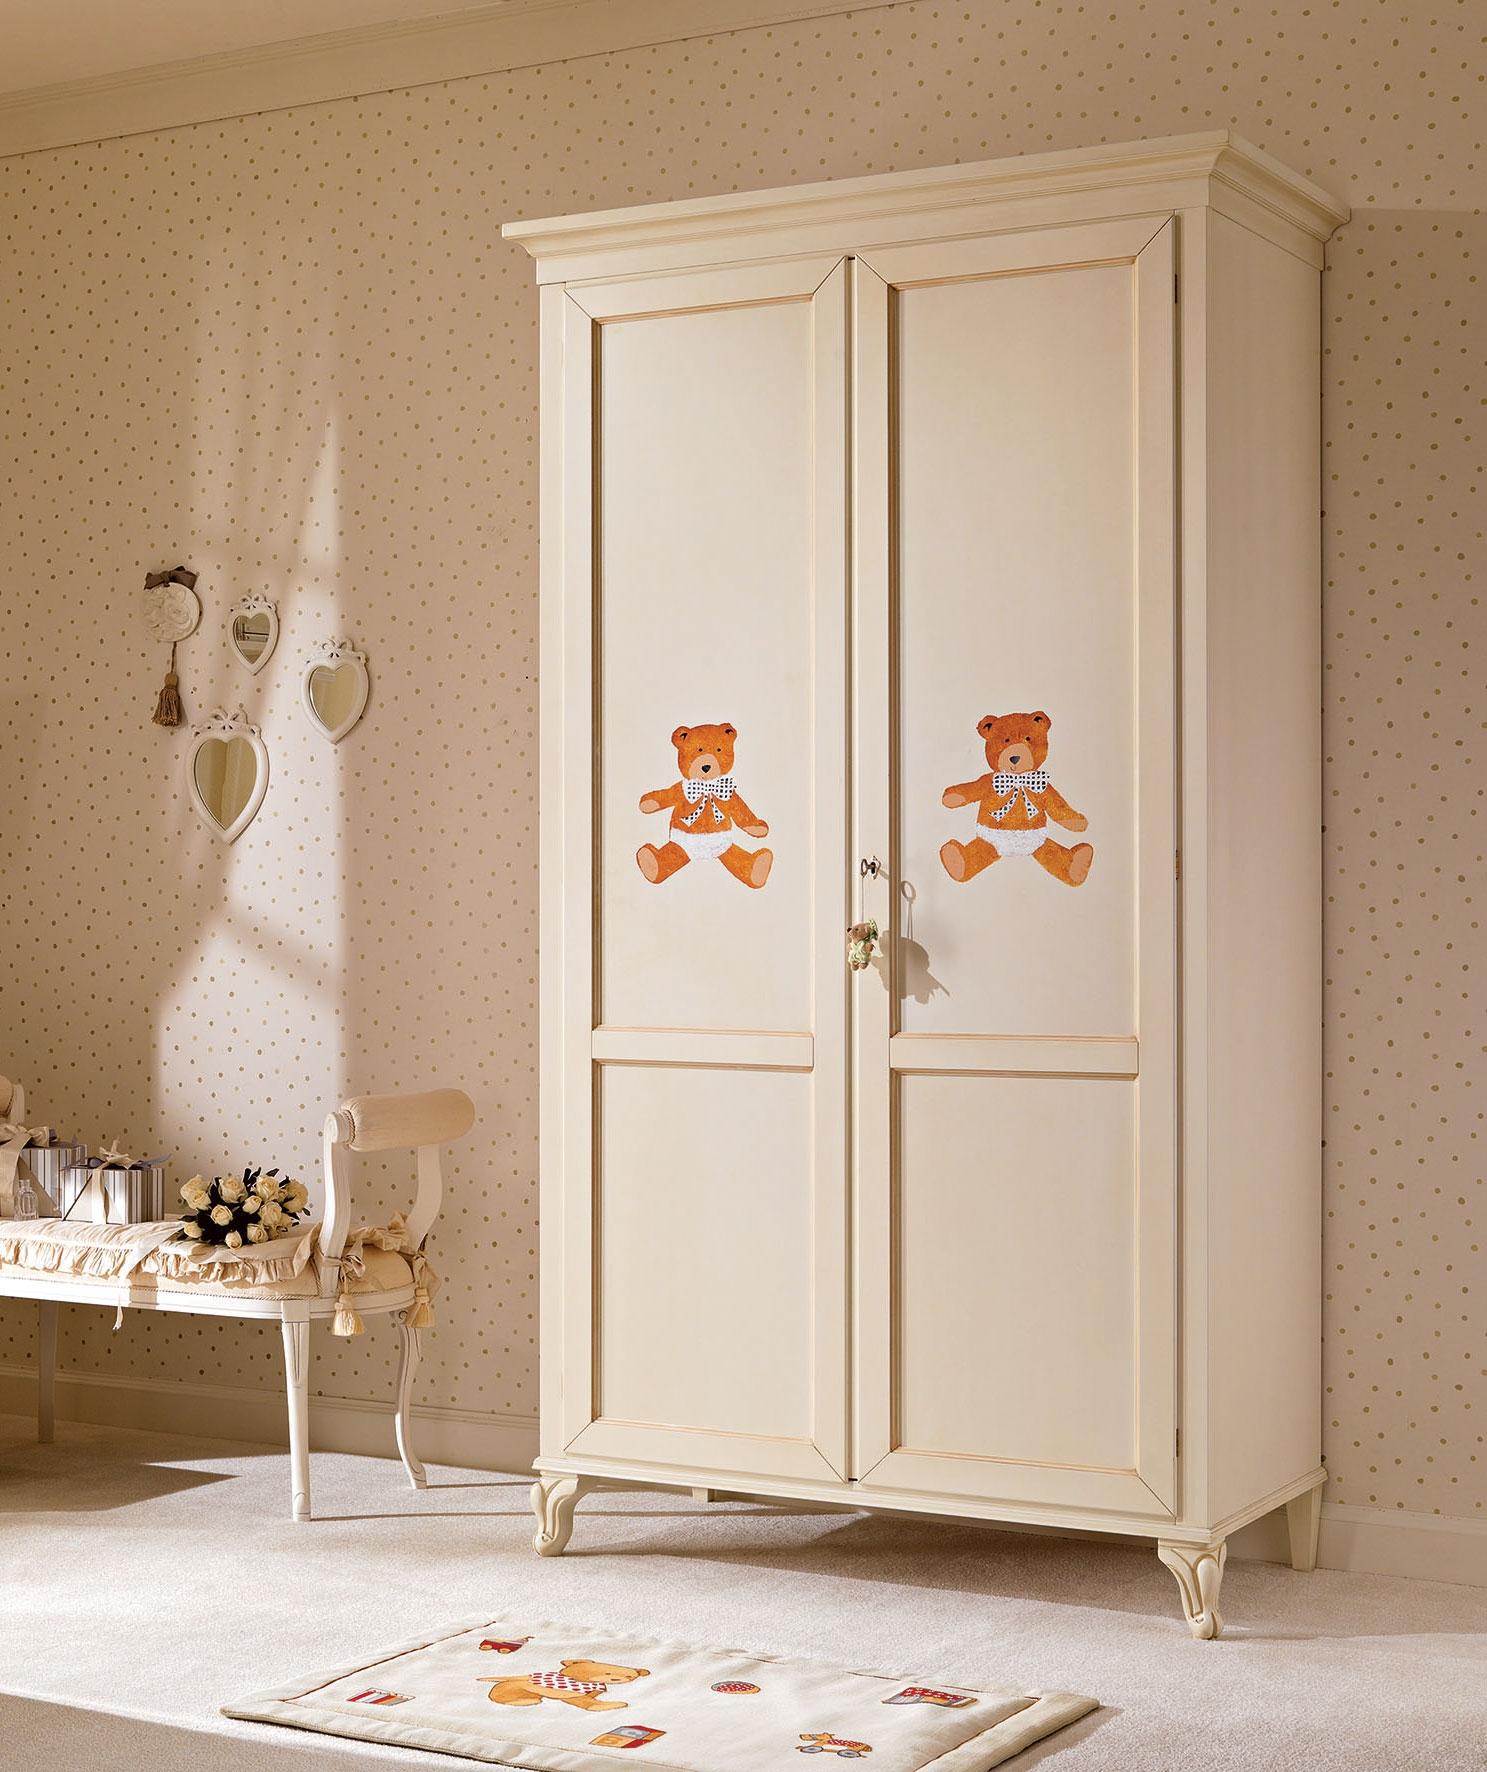 Armoire penderie 2 portes pour la chambre enfant PIERMARIA SO NUIT